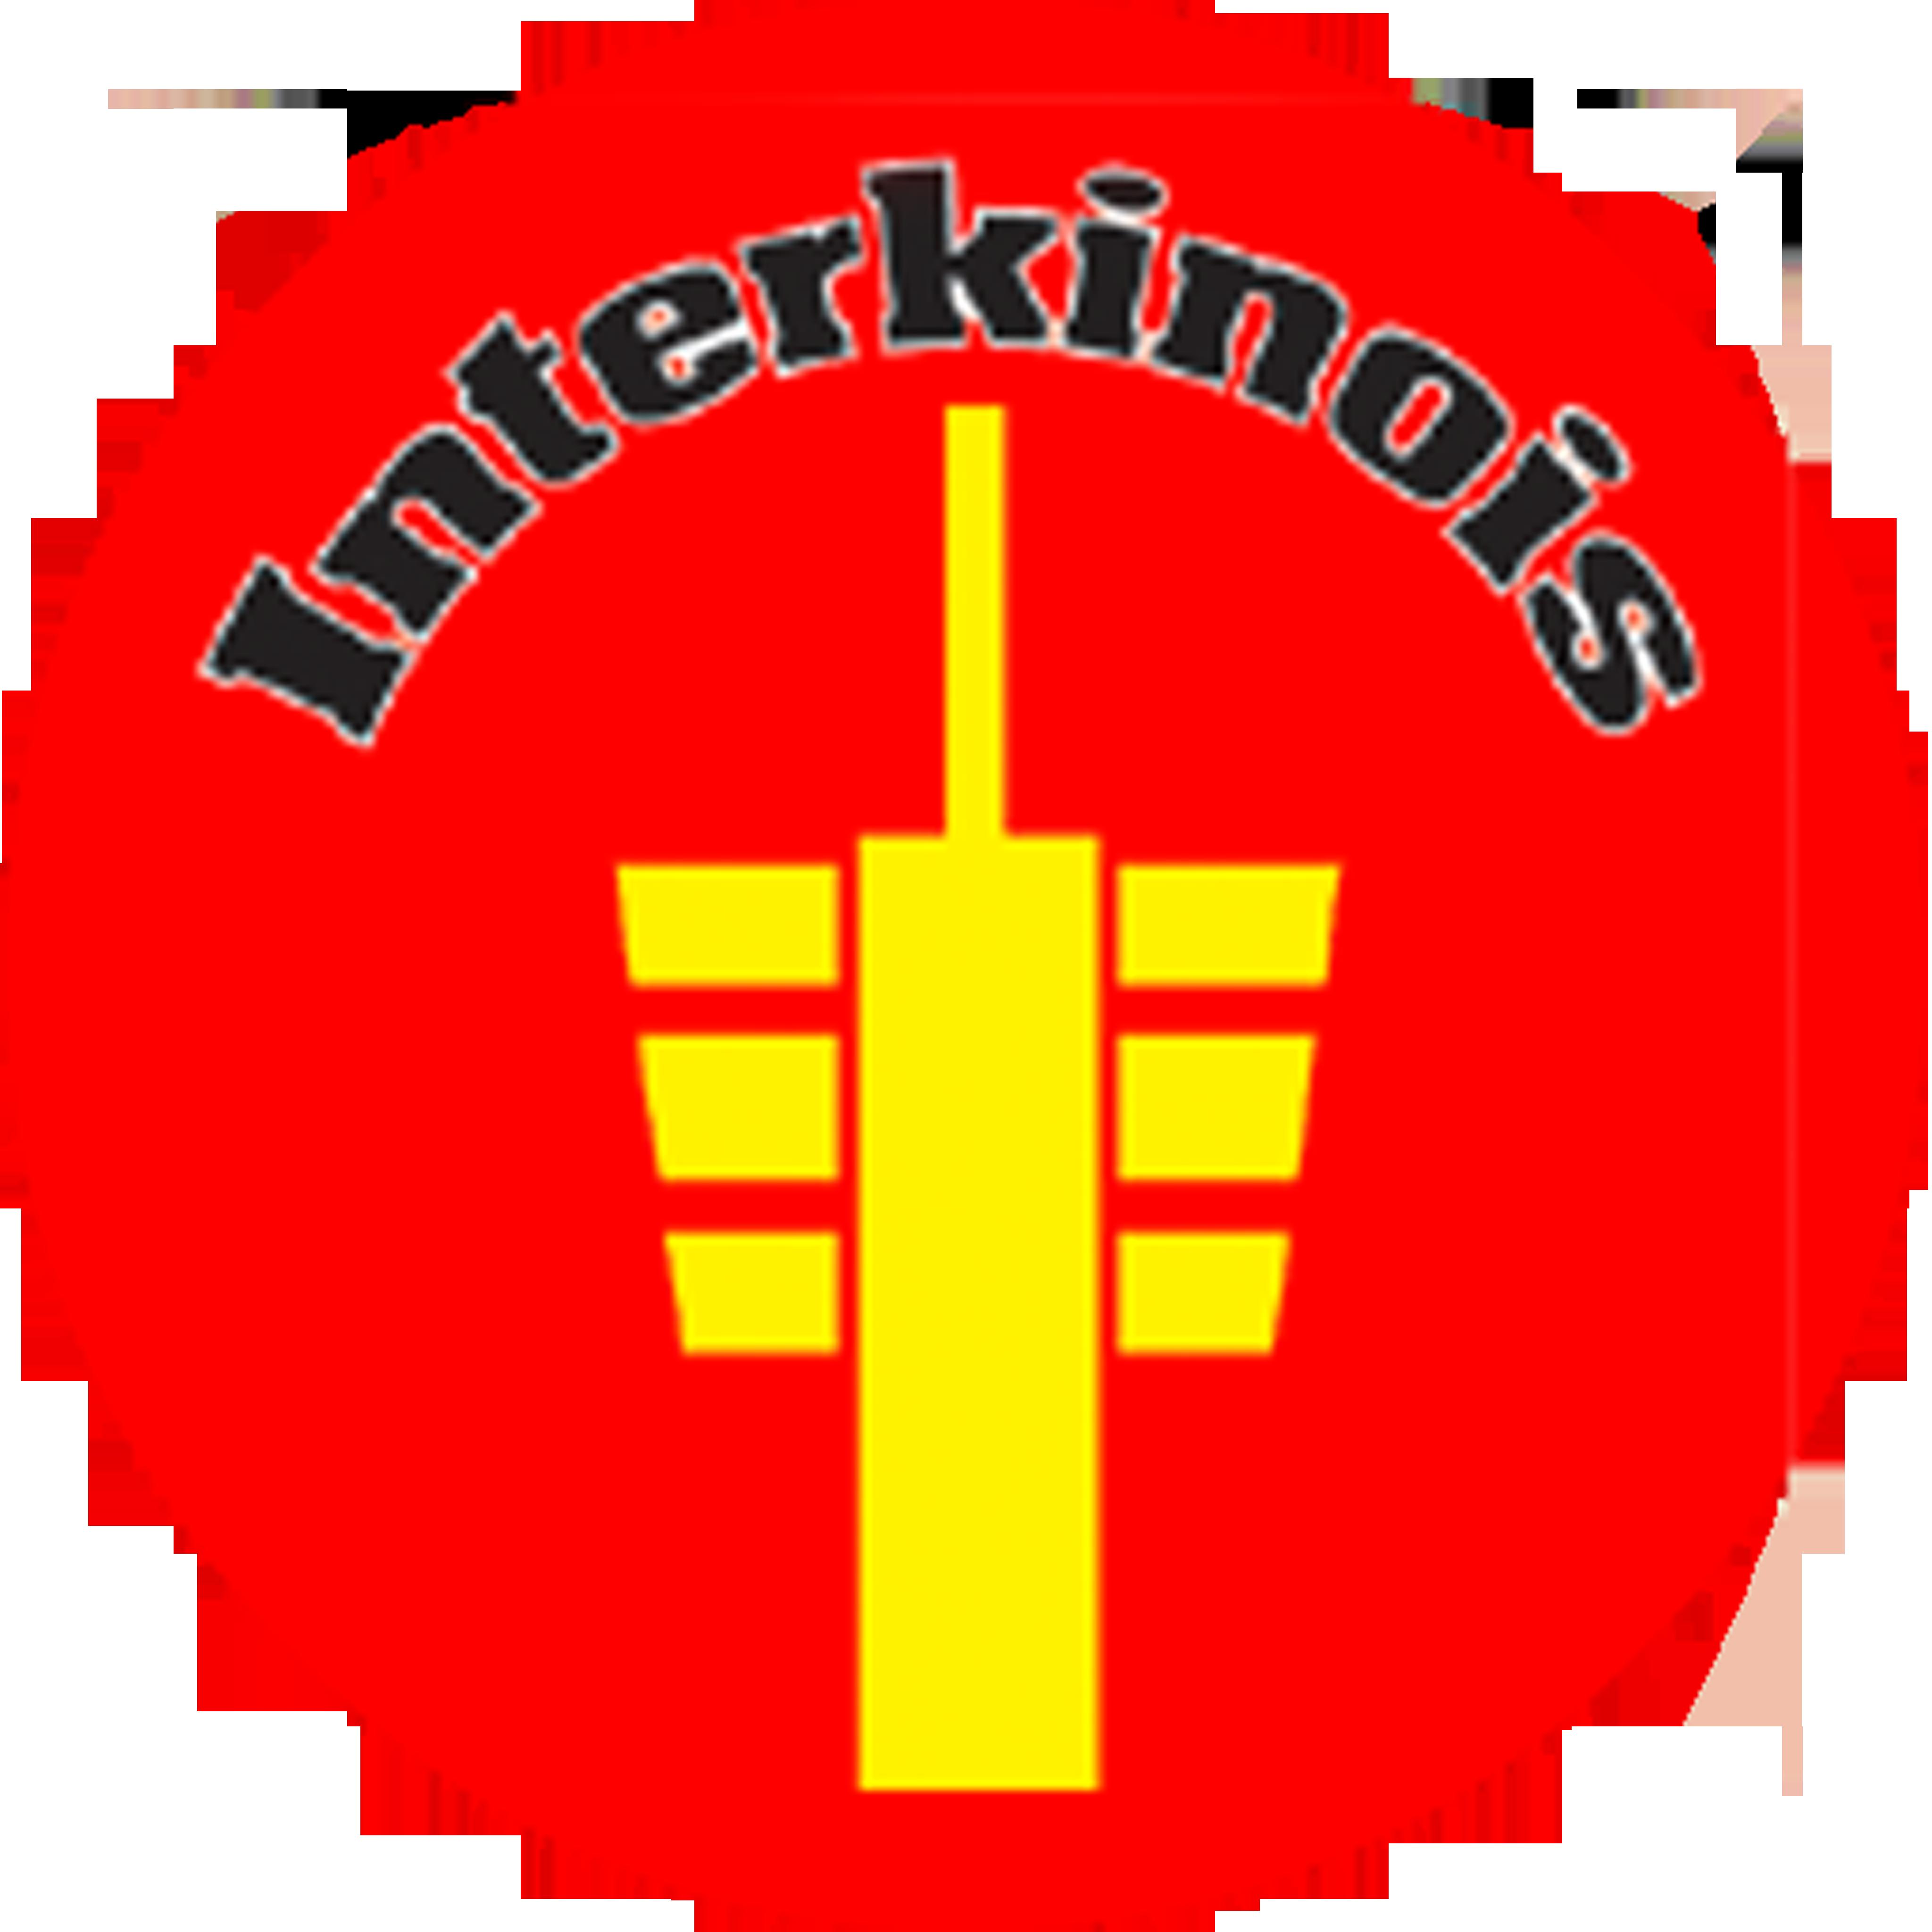 Interkinois.net – Internationalement Kinois